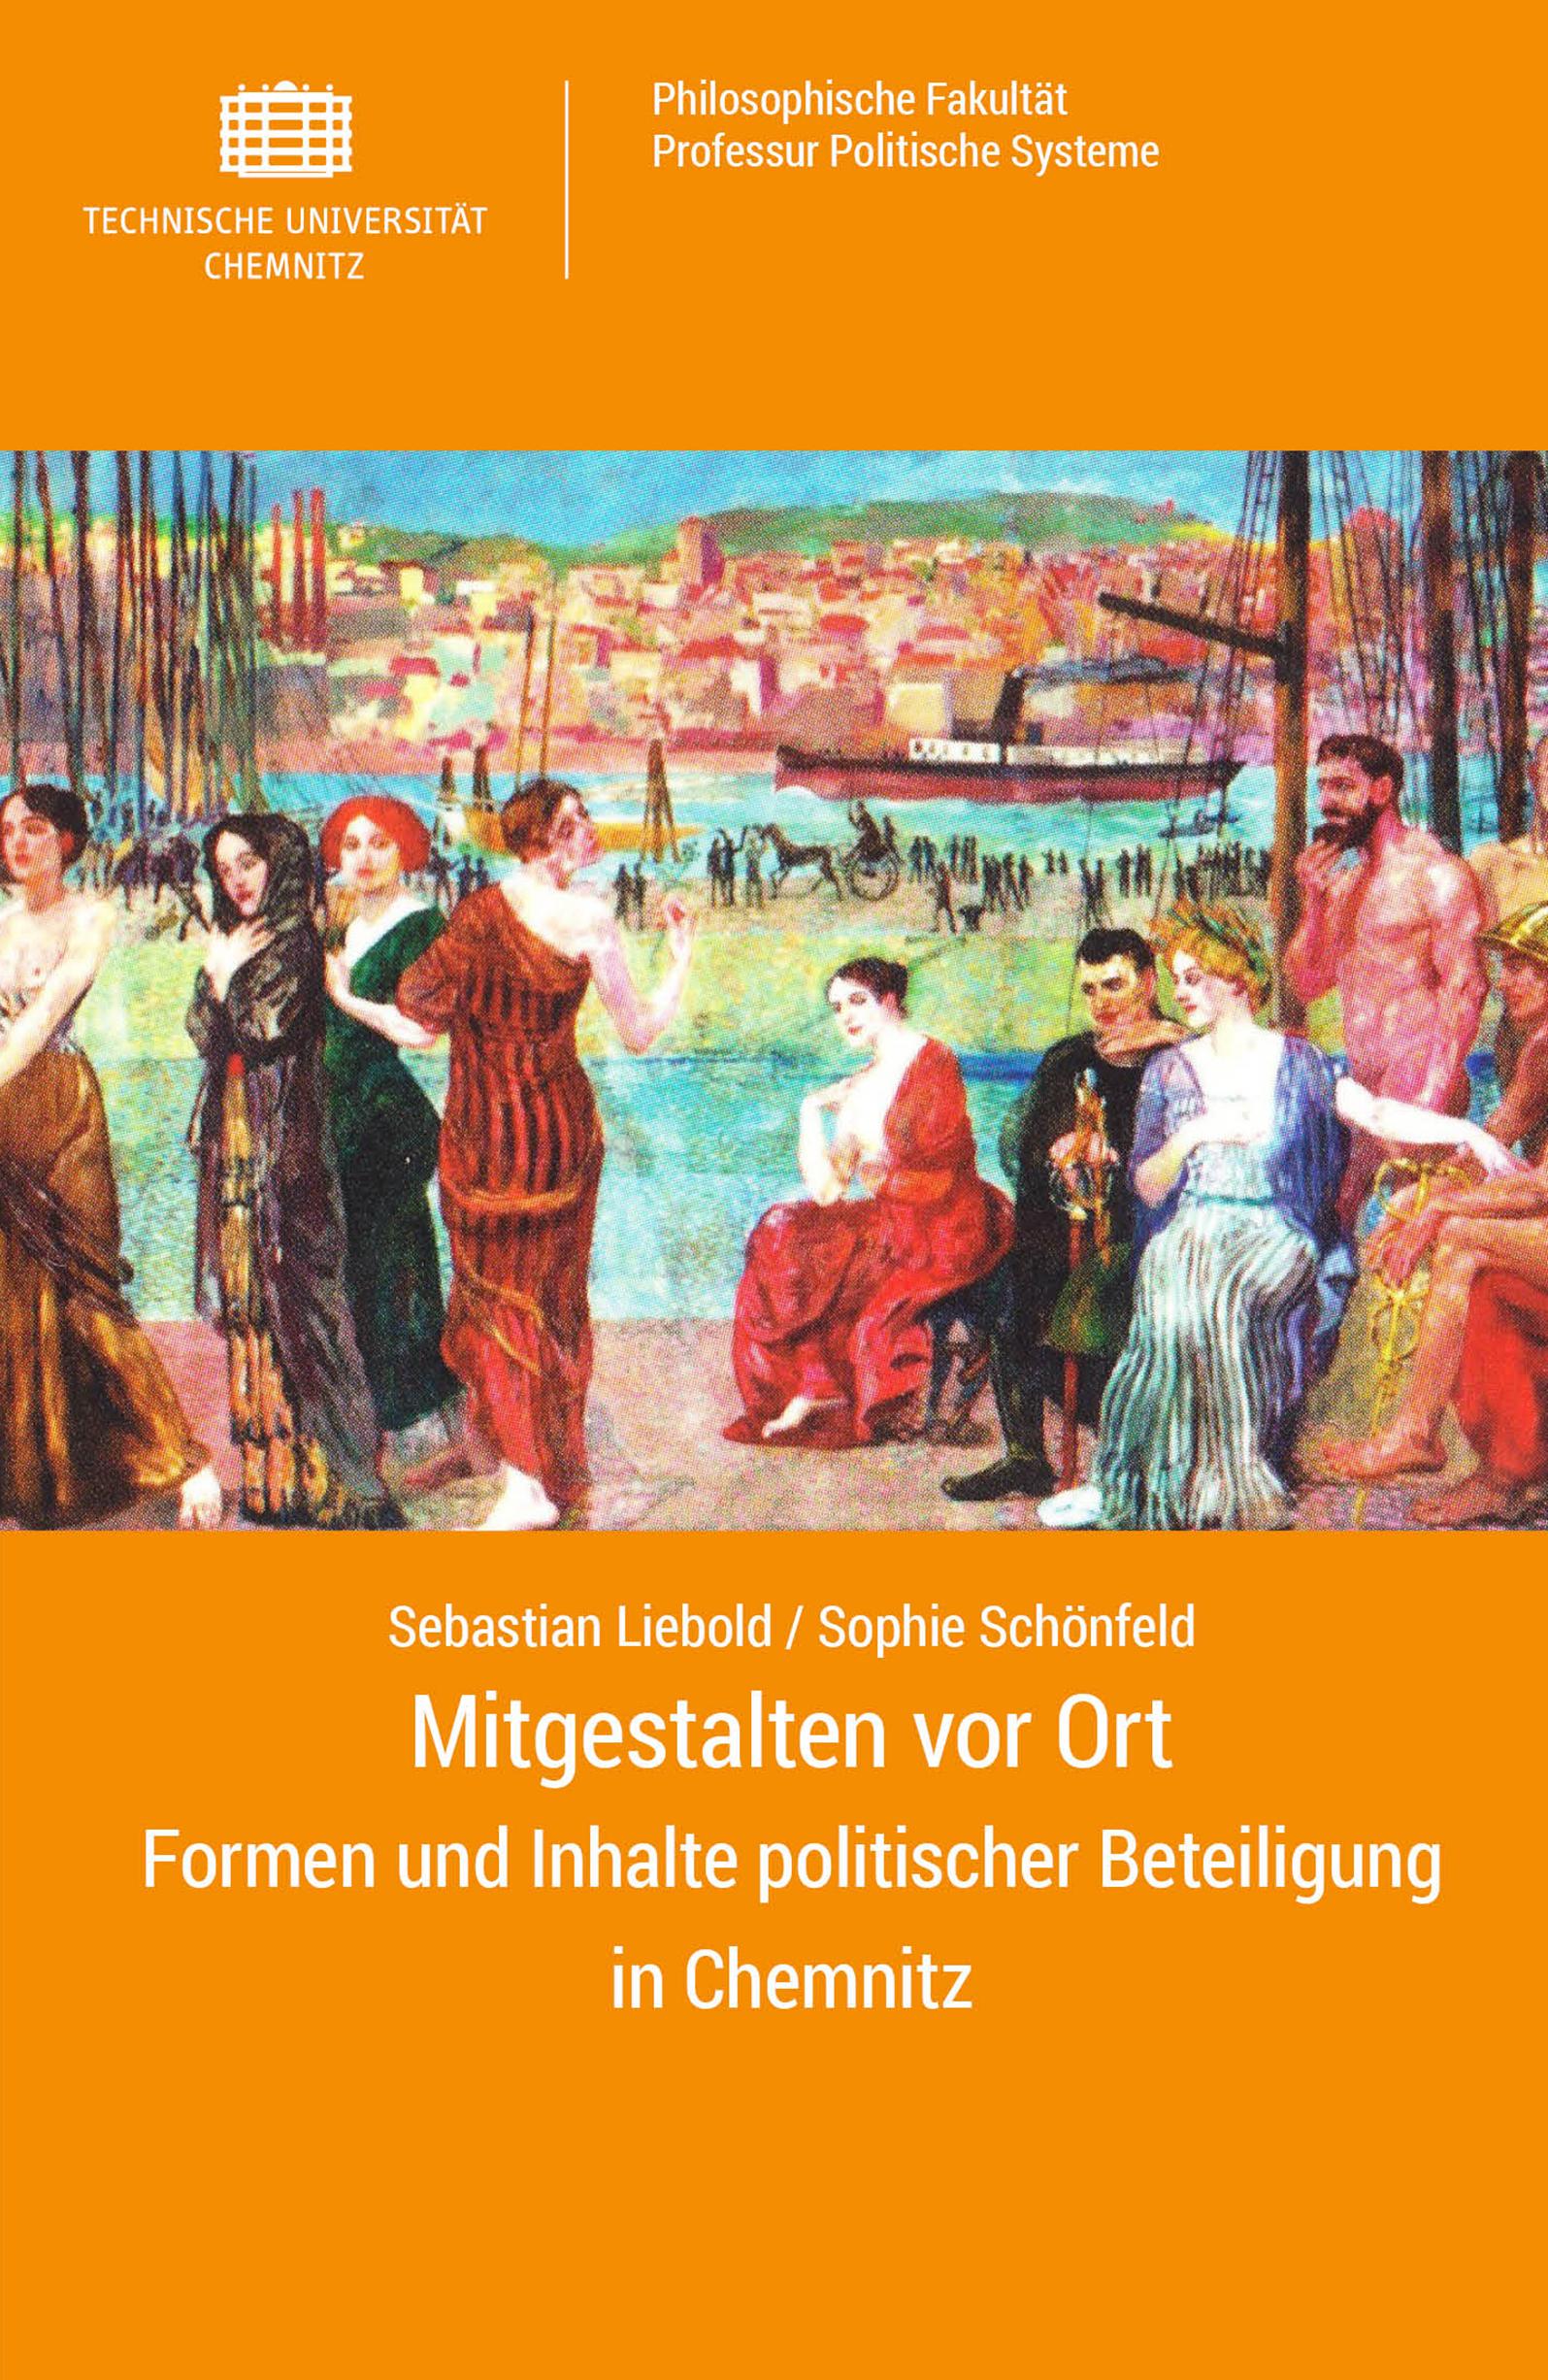 Cover: Mitgestalten vor Ort : Formen und Inhalte politischer Beteiligung in Chemnitz / Sebastian Liebold, Sophie Schönfeld